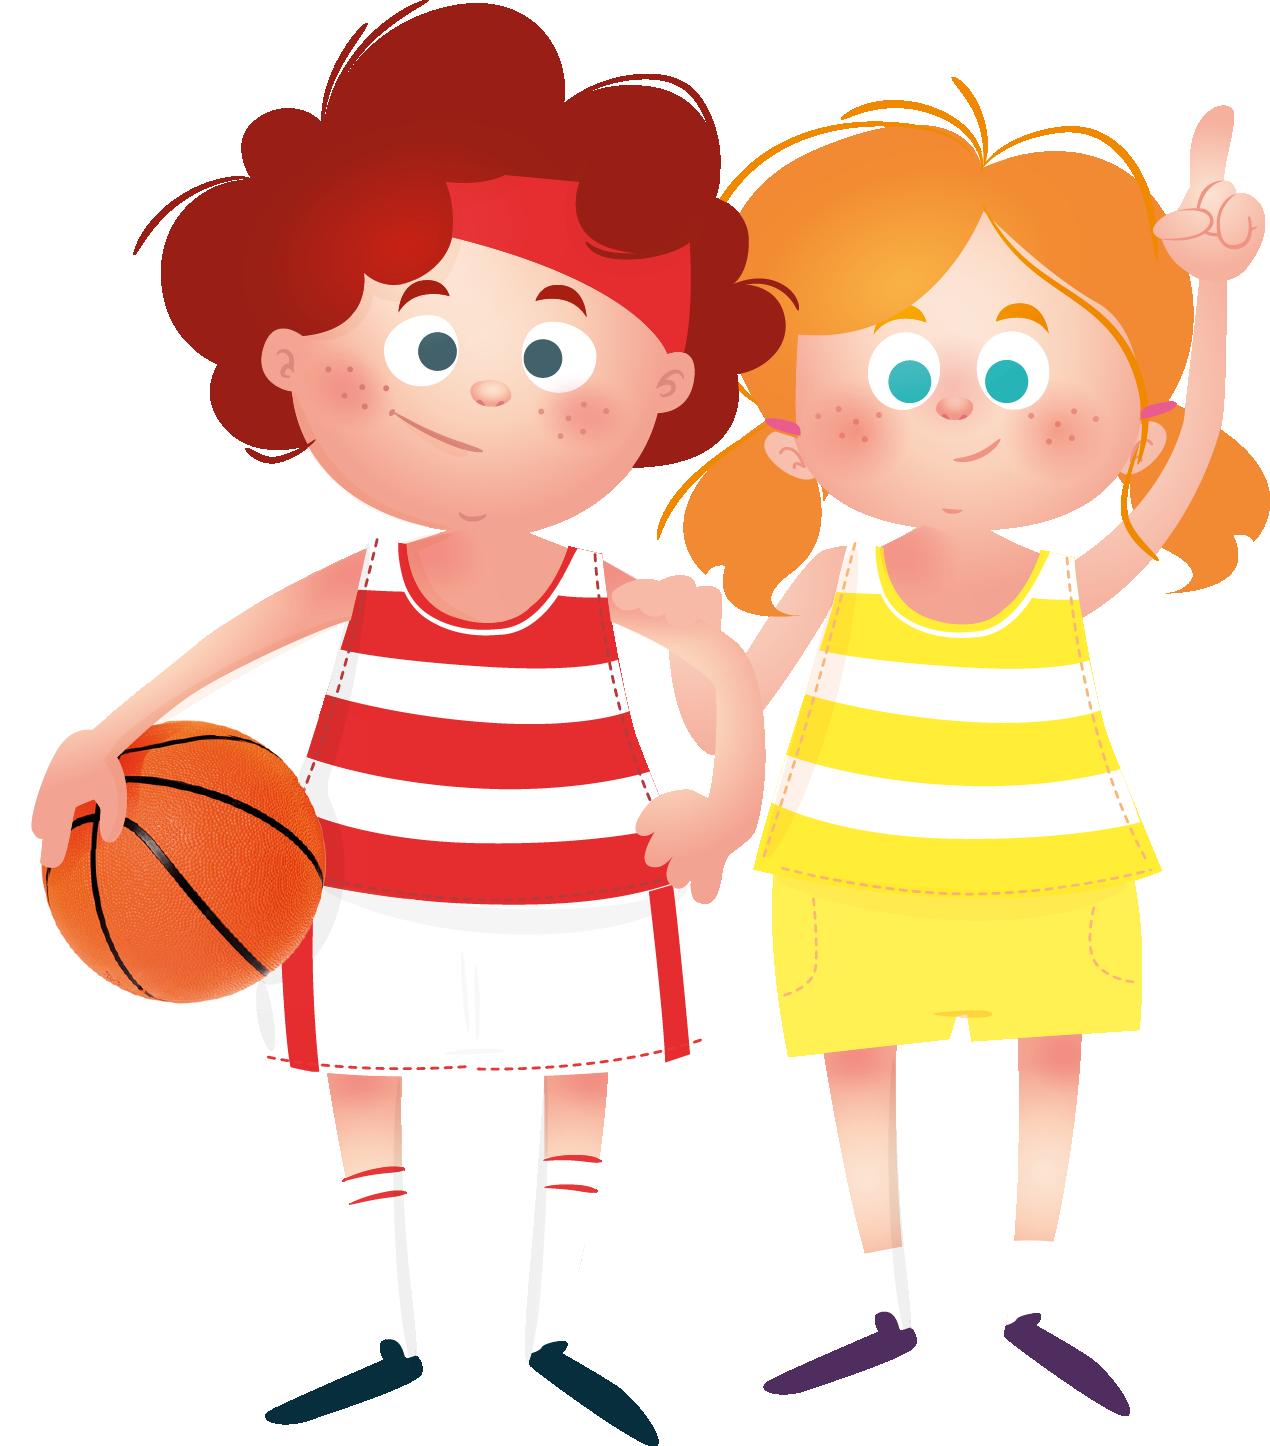 tekening van jongen en meisje met sportkleding met bal